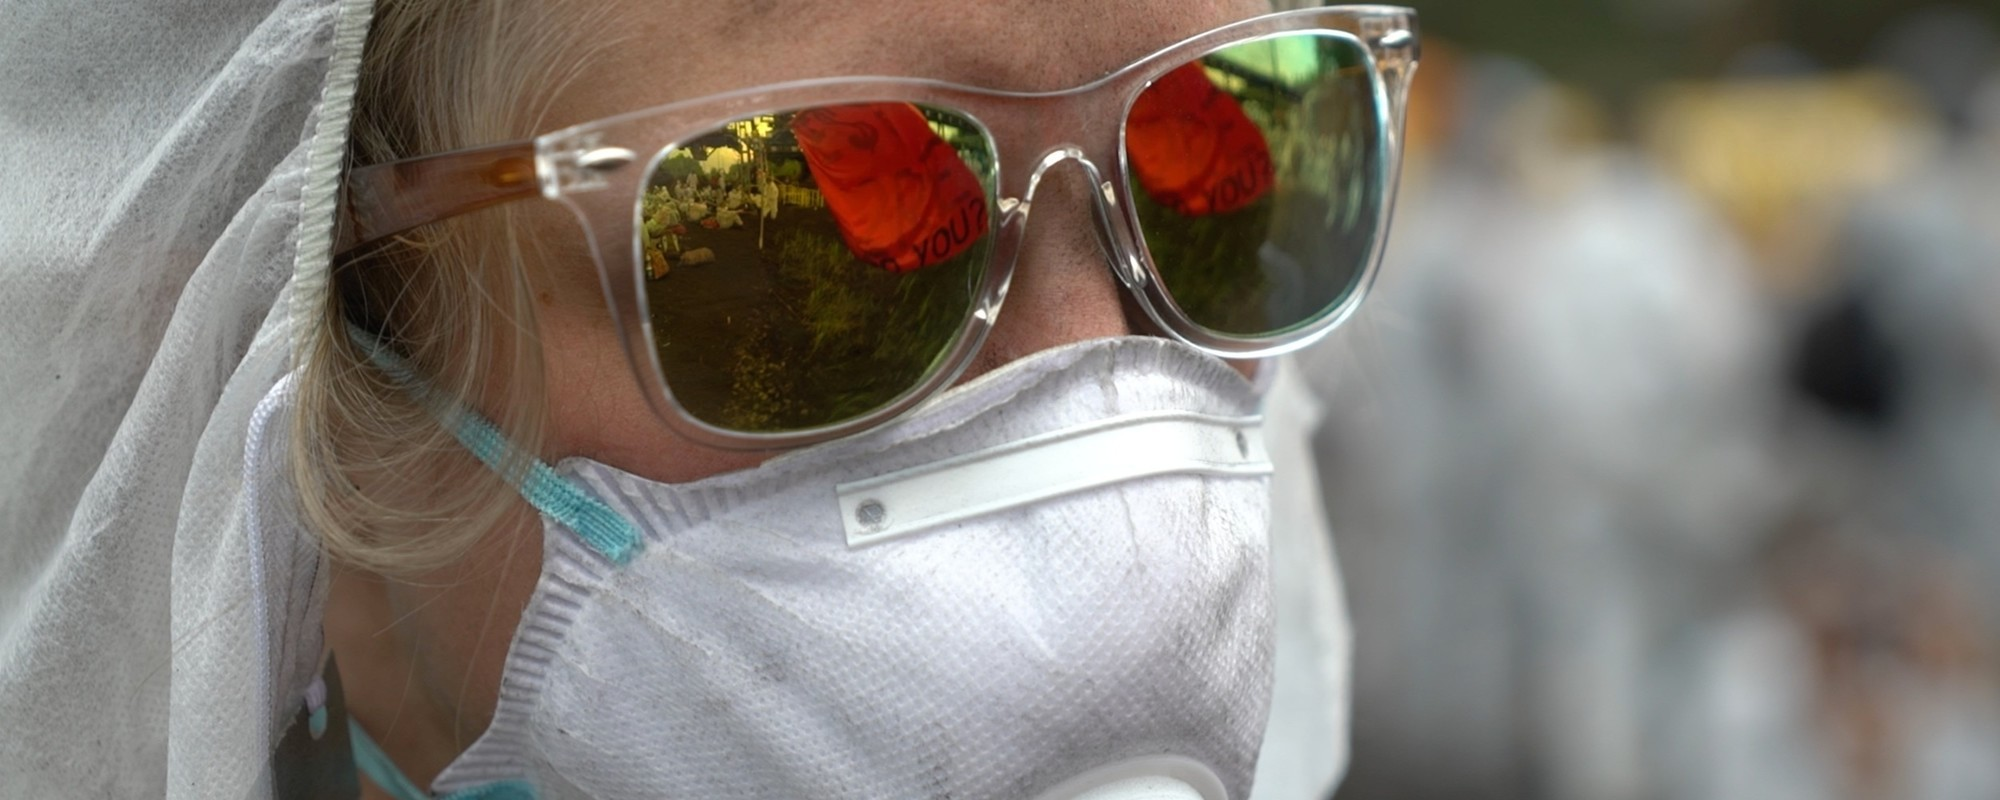 In Fotos: Braunkohle-Gegner haben am Wochenende ein Kraftwerk lahmgelegt